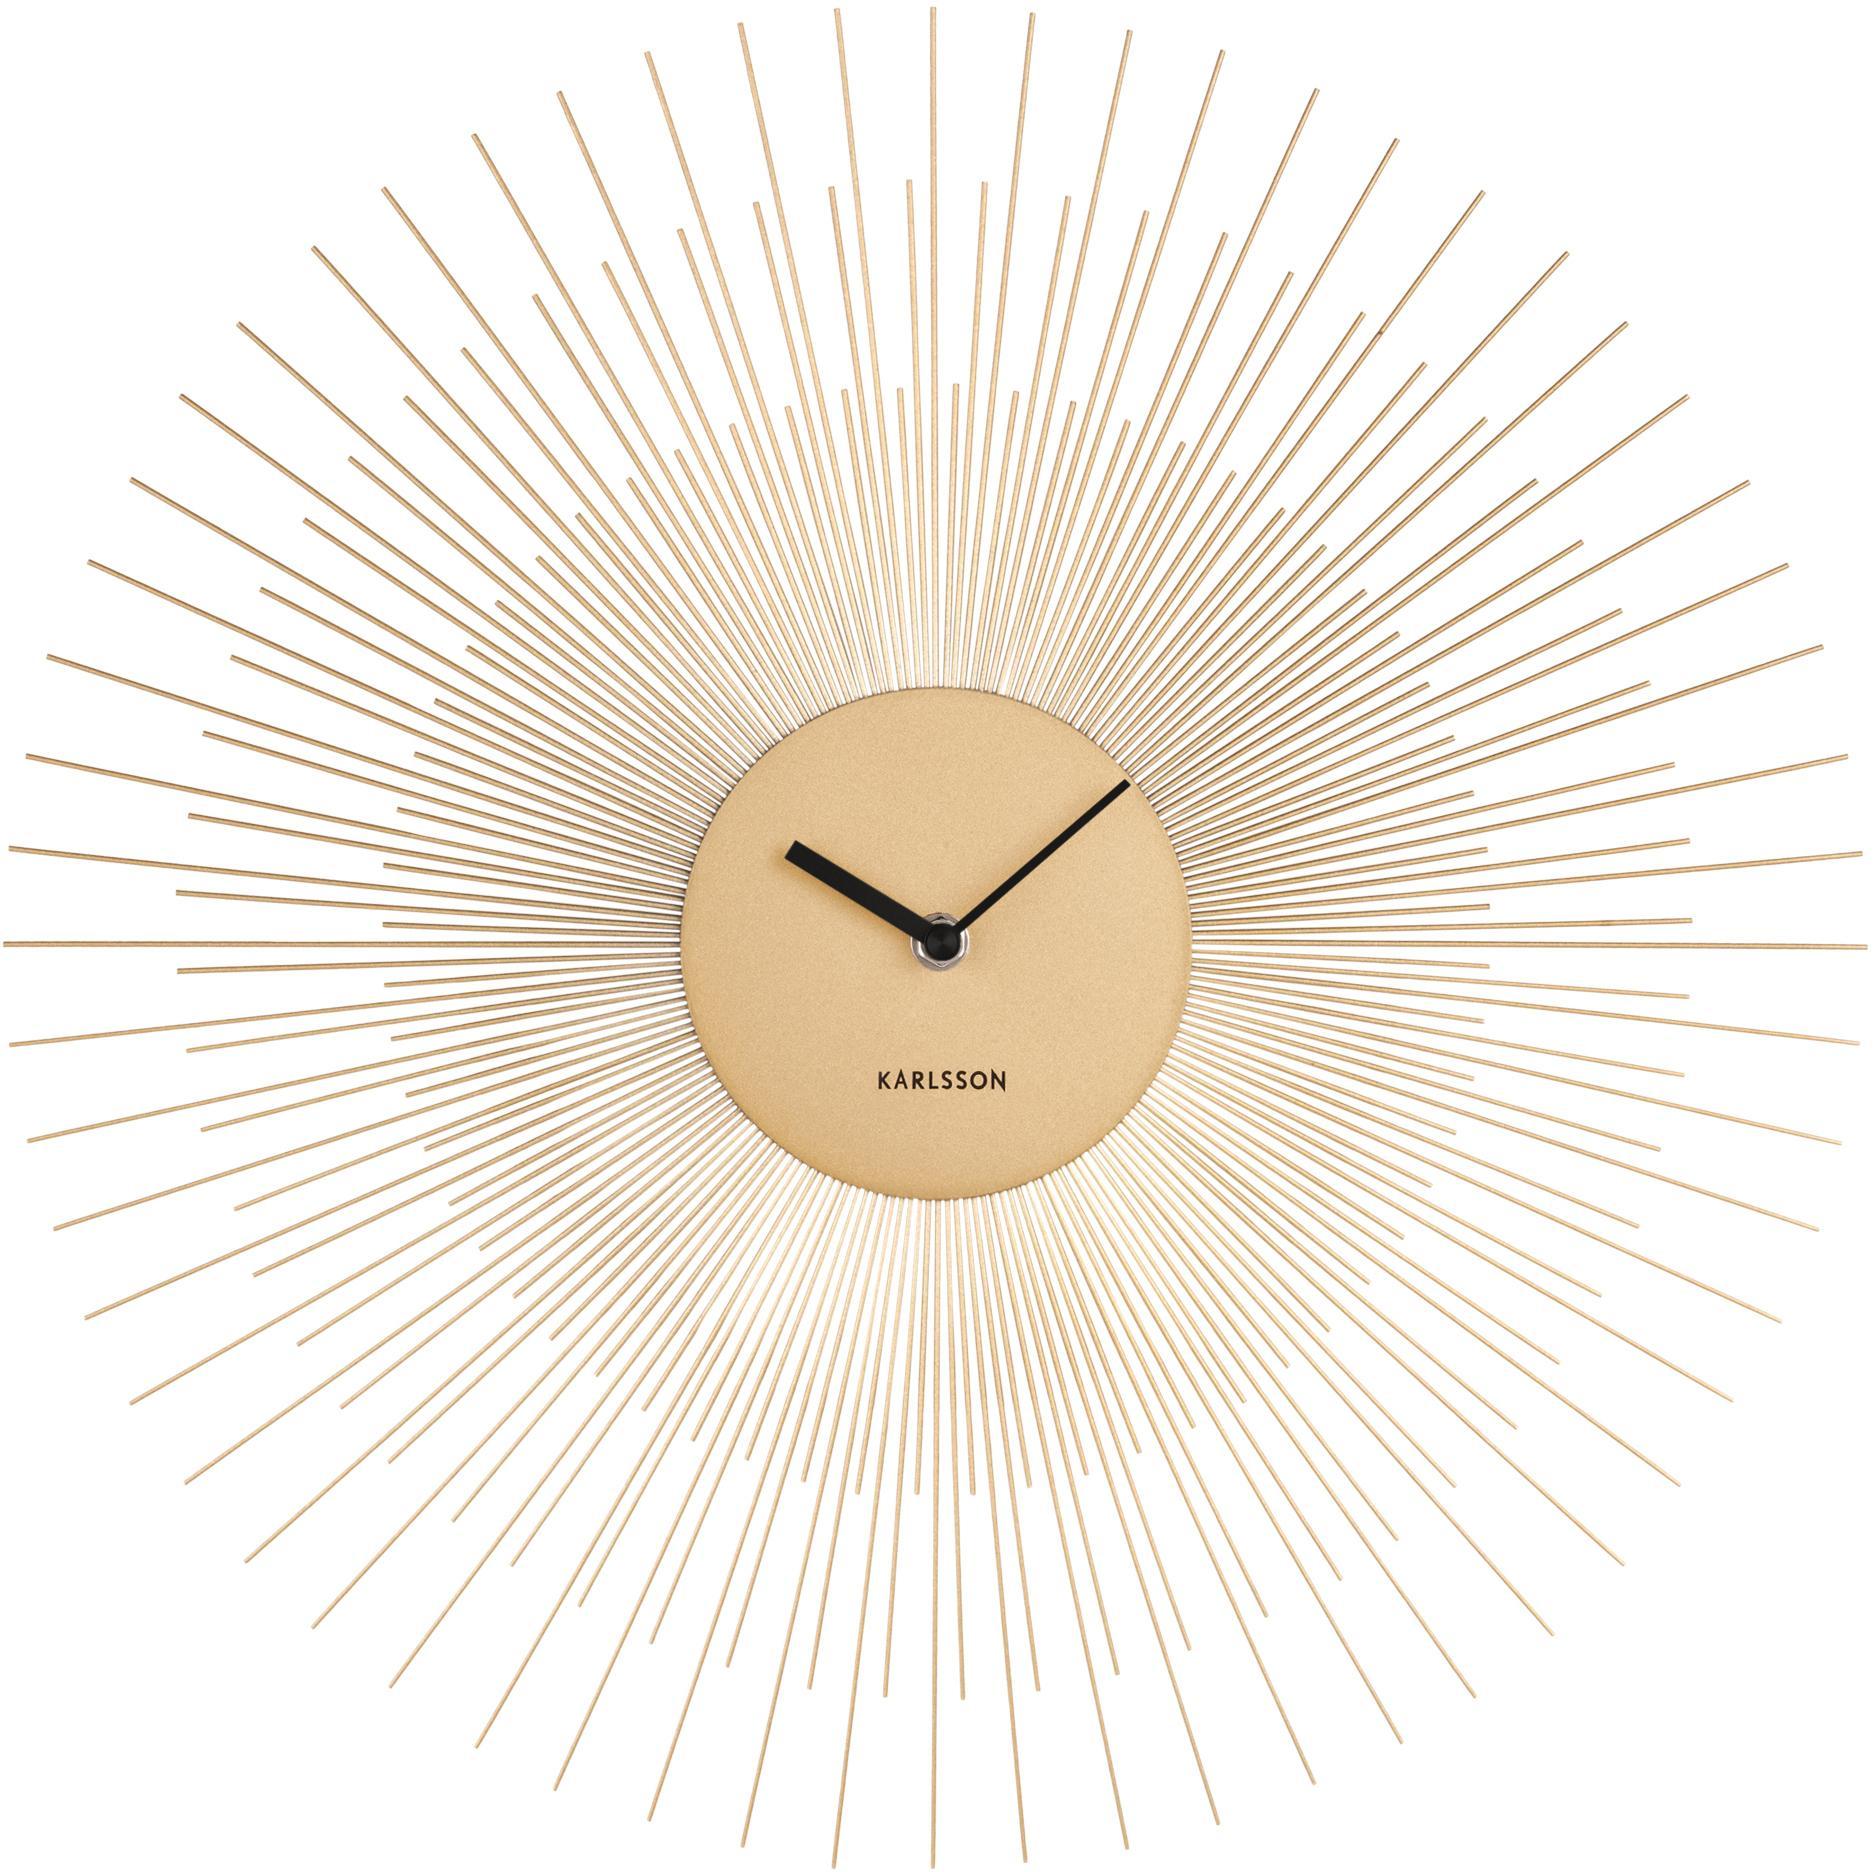 Wanduhr Peony, Metall, beschichtet, Messingfarben, Schwarz, Ø 45 cm